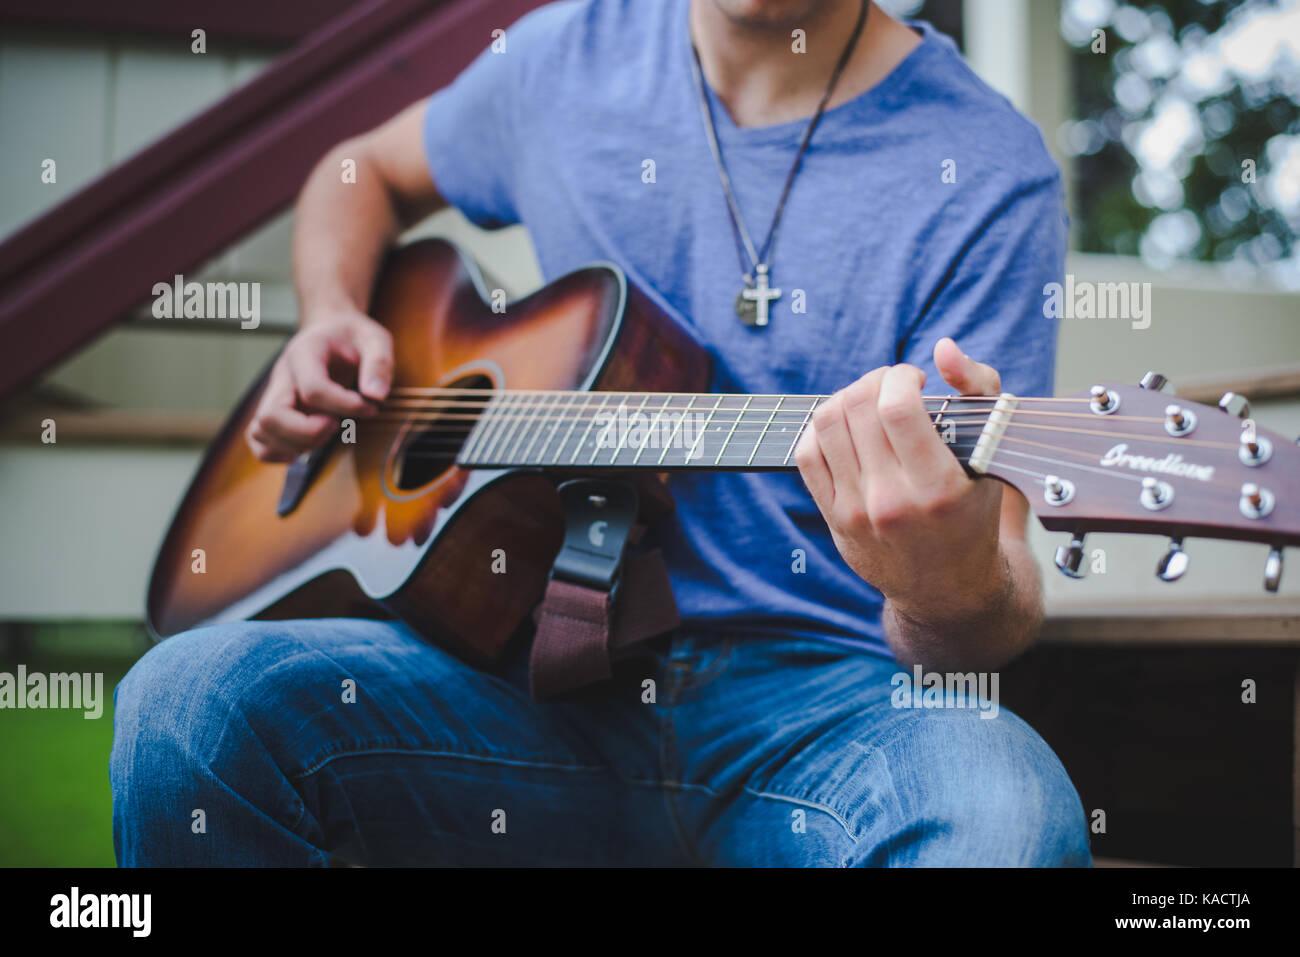 Ein junger Mann spielt eine Gitarre. Stockfoto